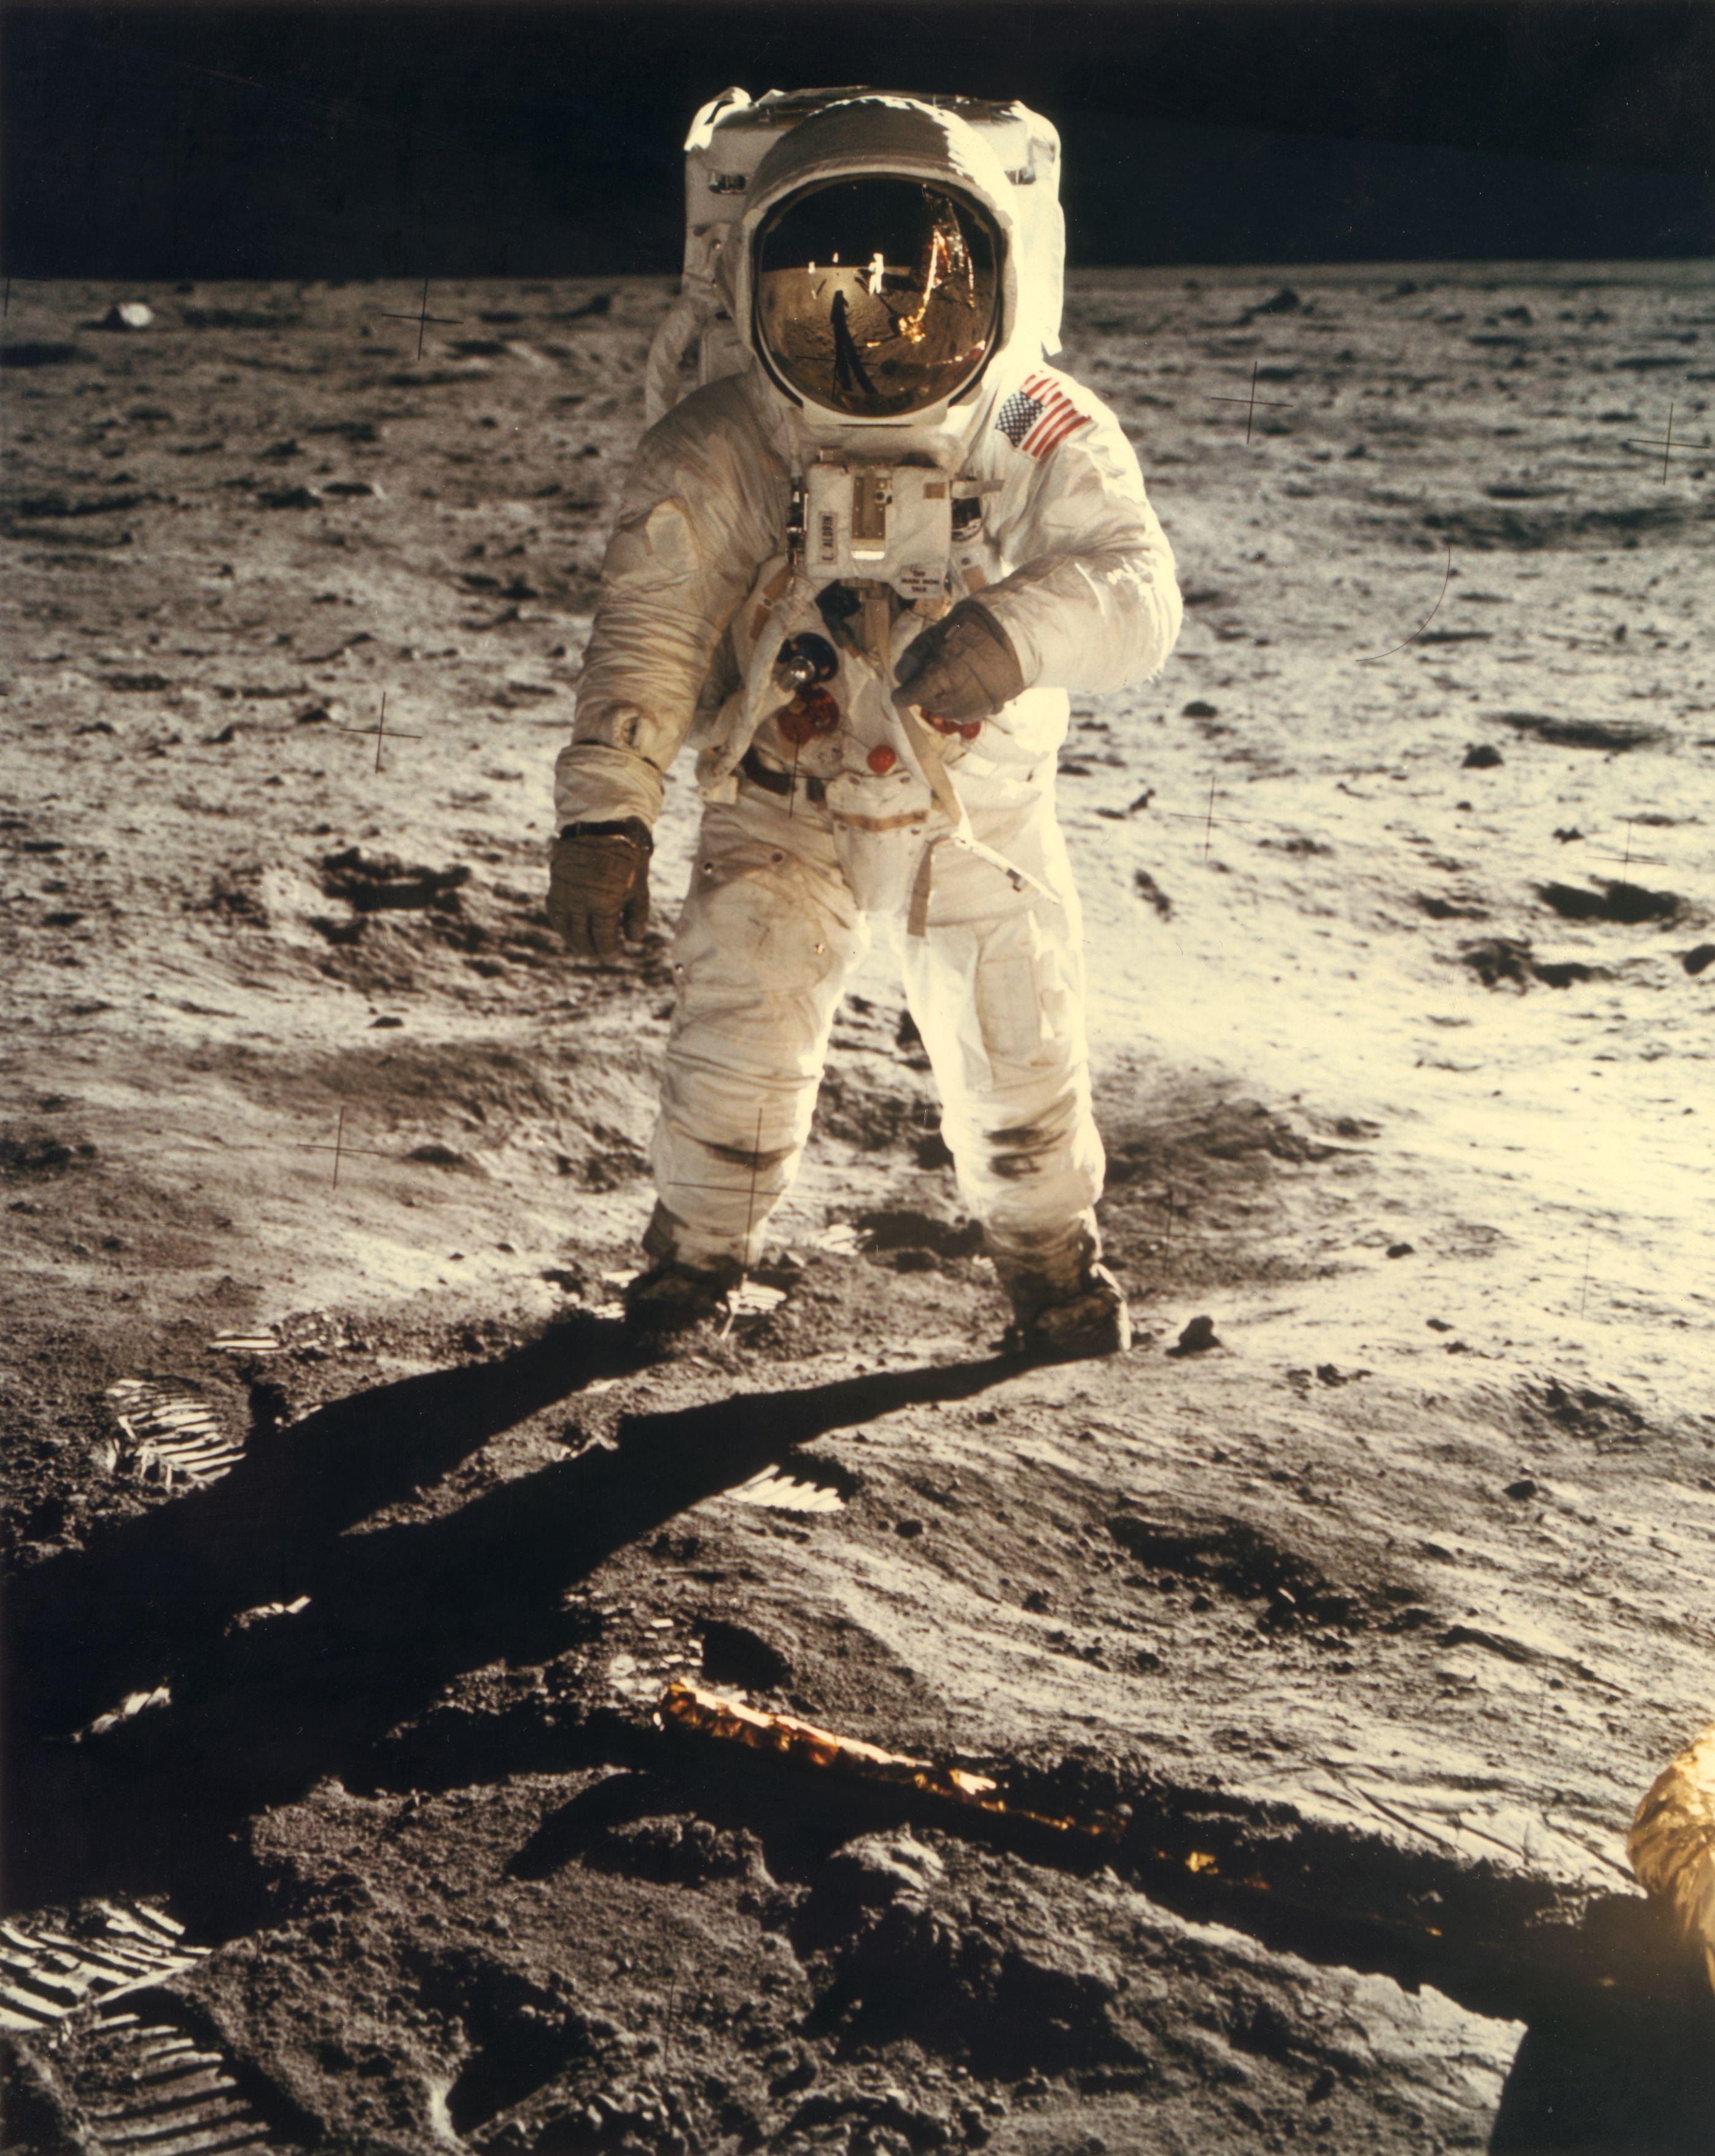 「時間切れ」の月面探査コンテストが育んだ、宇宙ビジネスへの夢